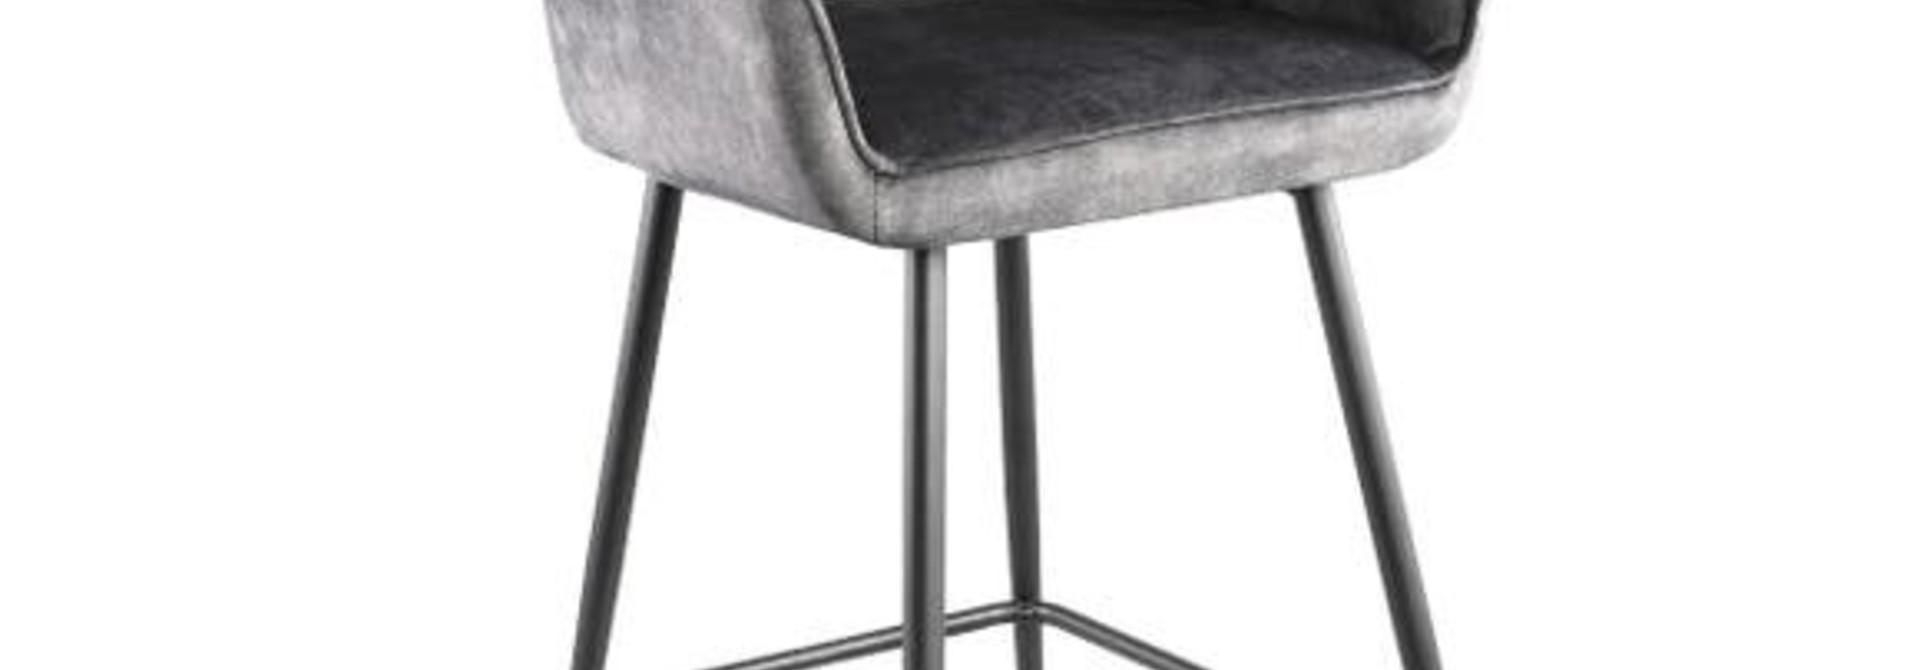 PTMD Barstoel Fallon Velvet zwart metalen frame